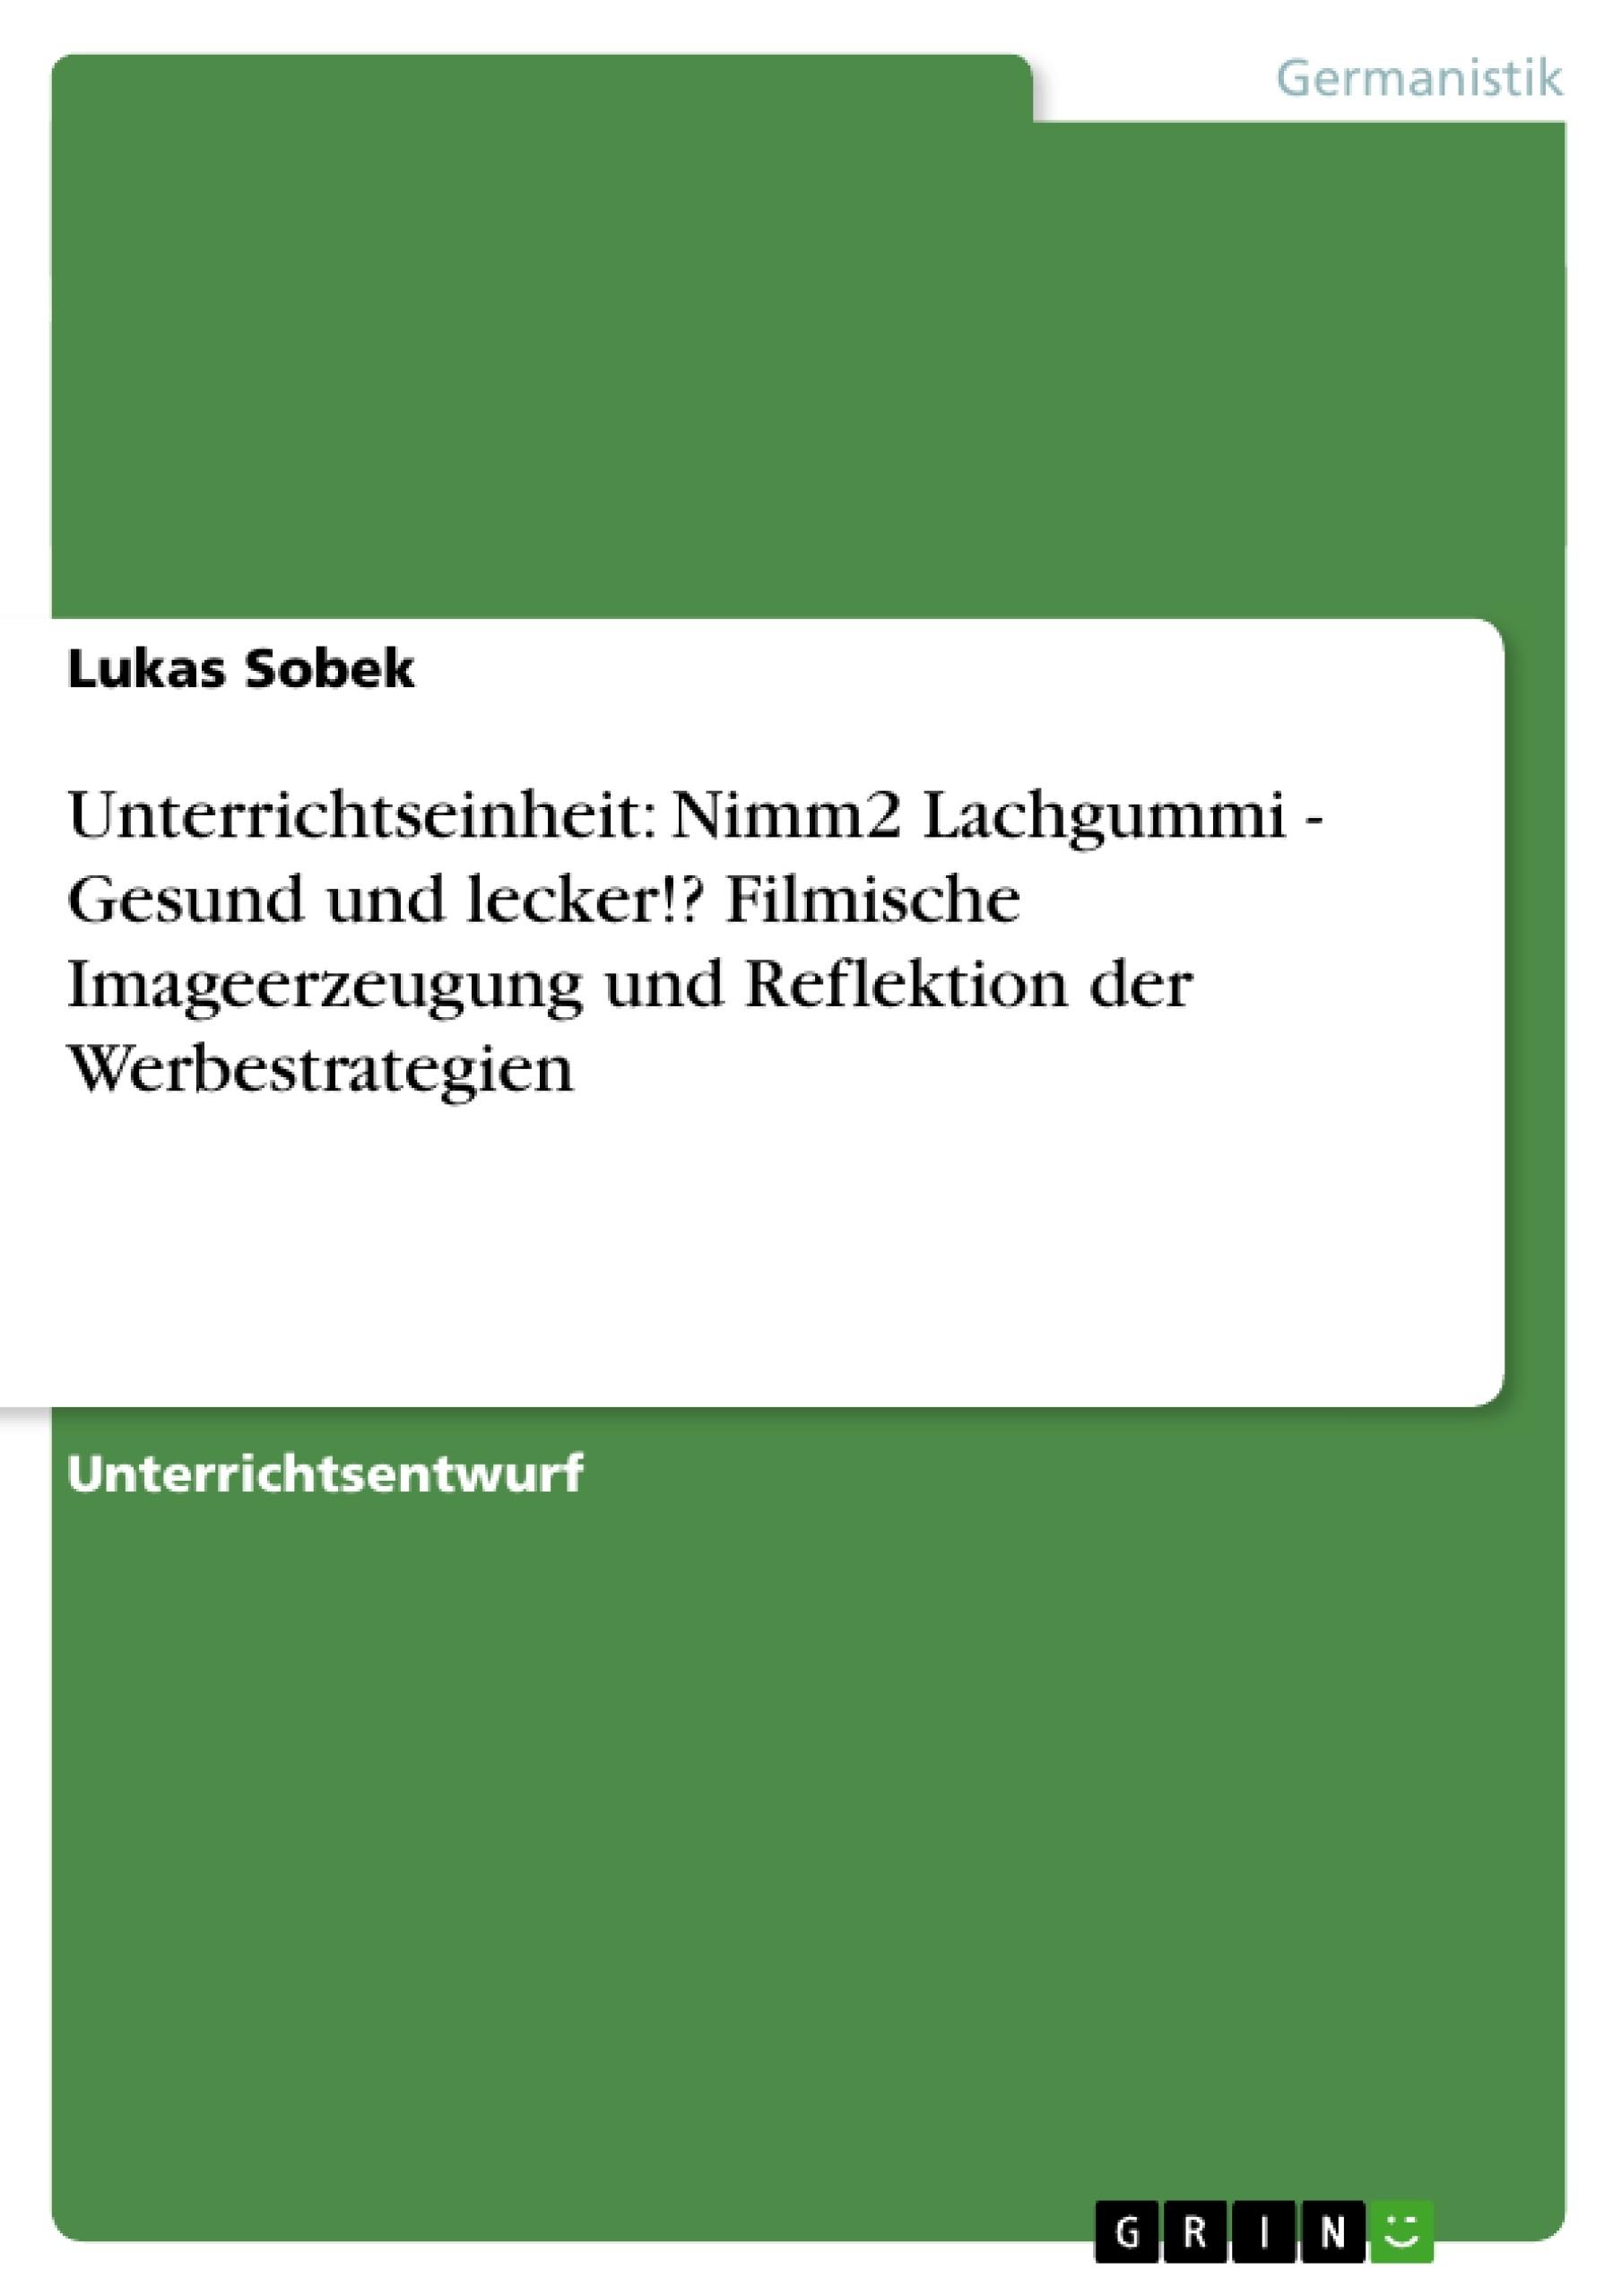 Titel: Unterrichtseinheit: Nimm2 Lachgummi - Gesund und lecker!? Filmische Imageerzeugung und Reflektion der Werbestrategien